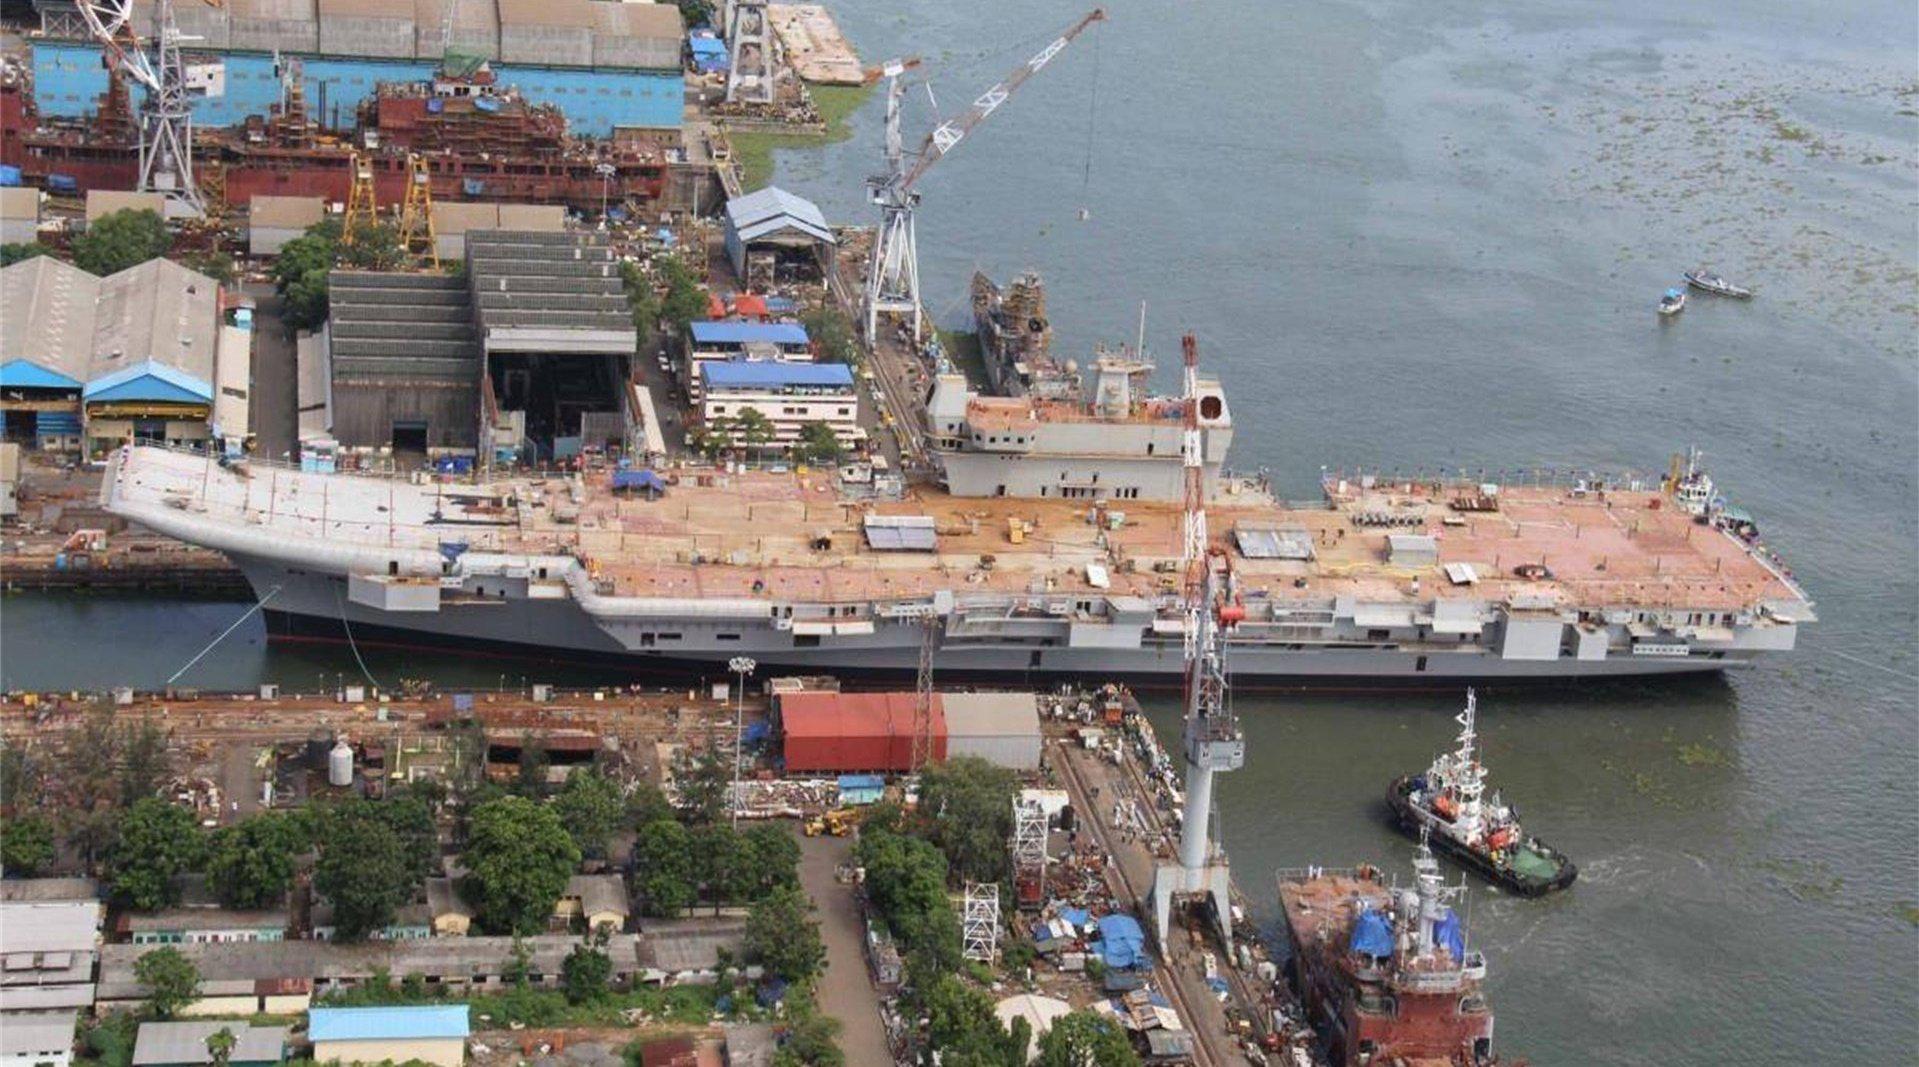 排水量近7万吨,亚洲第一款核航母准备立项,扬言比中国领先20年